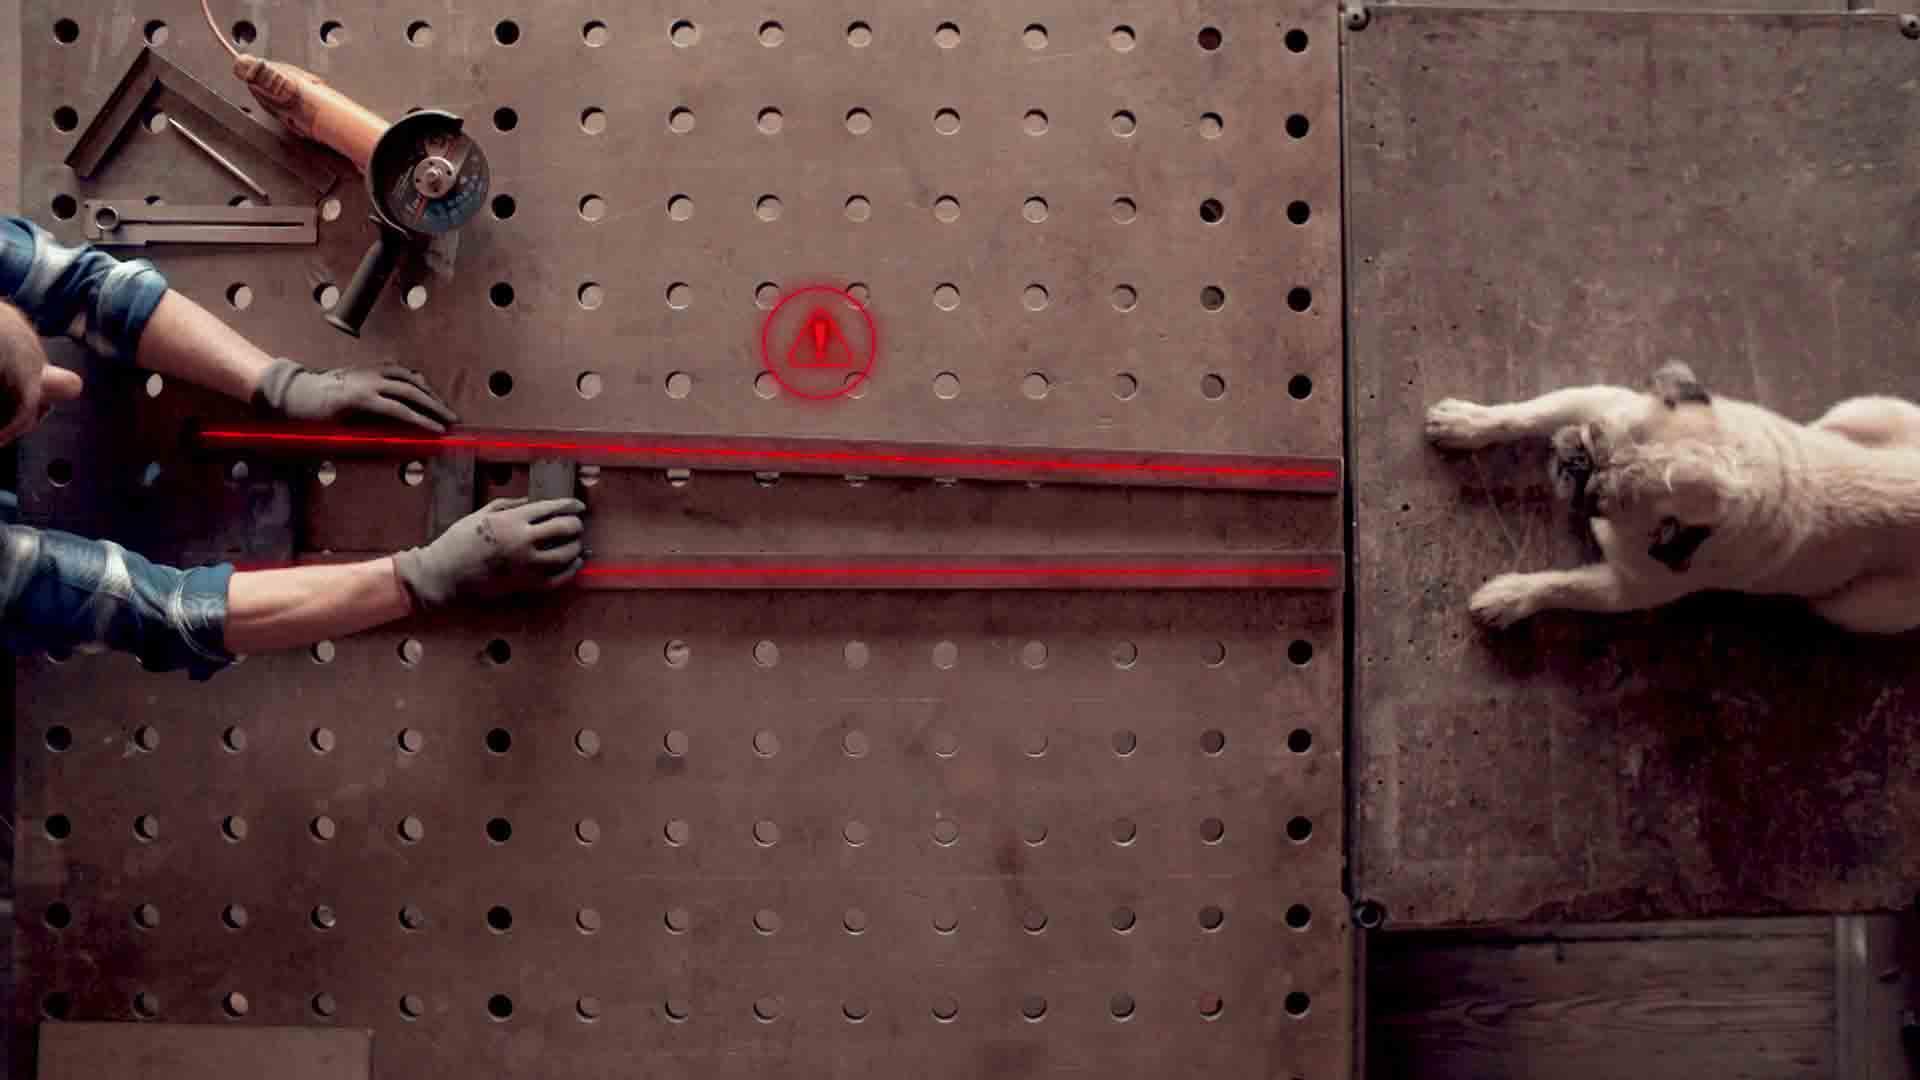 Das Bild zeigt eine Luftaufnahme von einer Werkbank. Auf dieser Werkbank liegt ein Mops. Vor dem Mops liegen zwei Eisenstangen. Beide Eisenstangen werden von zwei Händen gehalten. Sie sind durch Animation rot unmarkiert. Oberhalb der beiden Eisenstangen schwebt auch durch Animation ein runder Kreis in dem sich ein Dreieck mit einem Ausrufezeichen als Warnung befindet. Das Bild dient als Sliderbild für den Portfolioeintrag ifm Positionssensor von Panda Pictures.